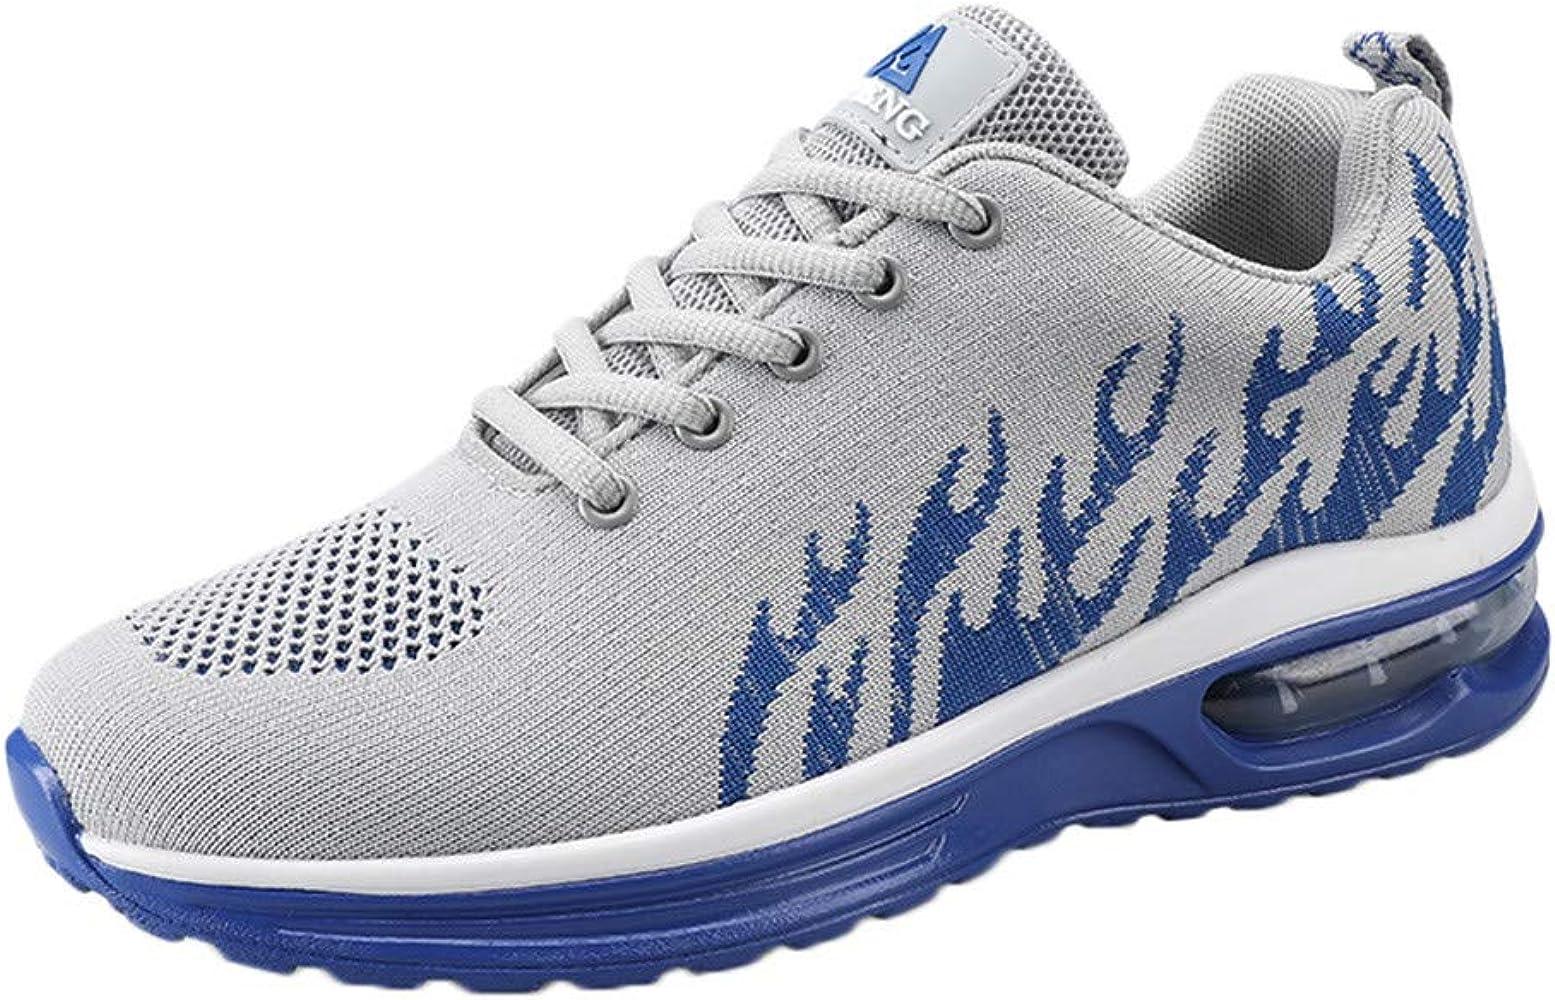 Zapatos Deportivos de Hombre Transpirables con Almohadillas. Routinfly Zapatillas de Gimnasia Deportivas Zapatillas Running Baloncesto al Aire Libre Zapatos de Senderismo 39-48 Azul Size: 41 EU: Amazon.es: Zapatos y complementos